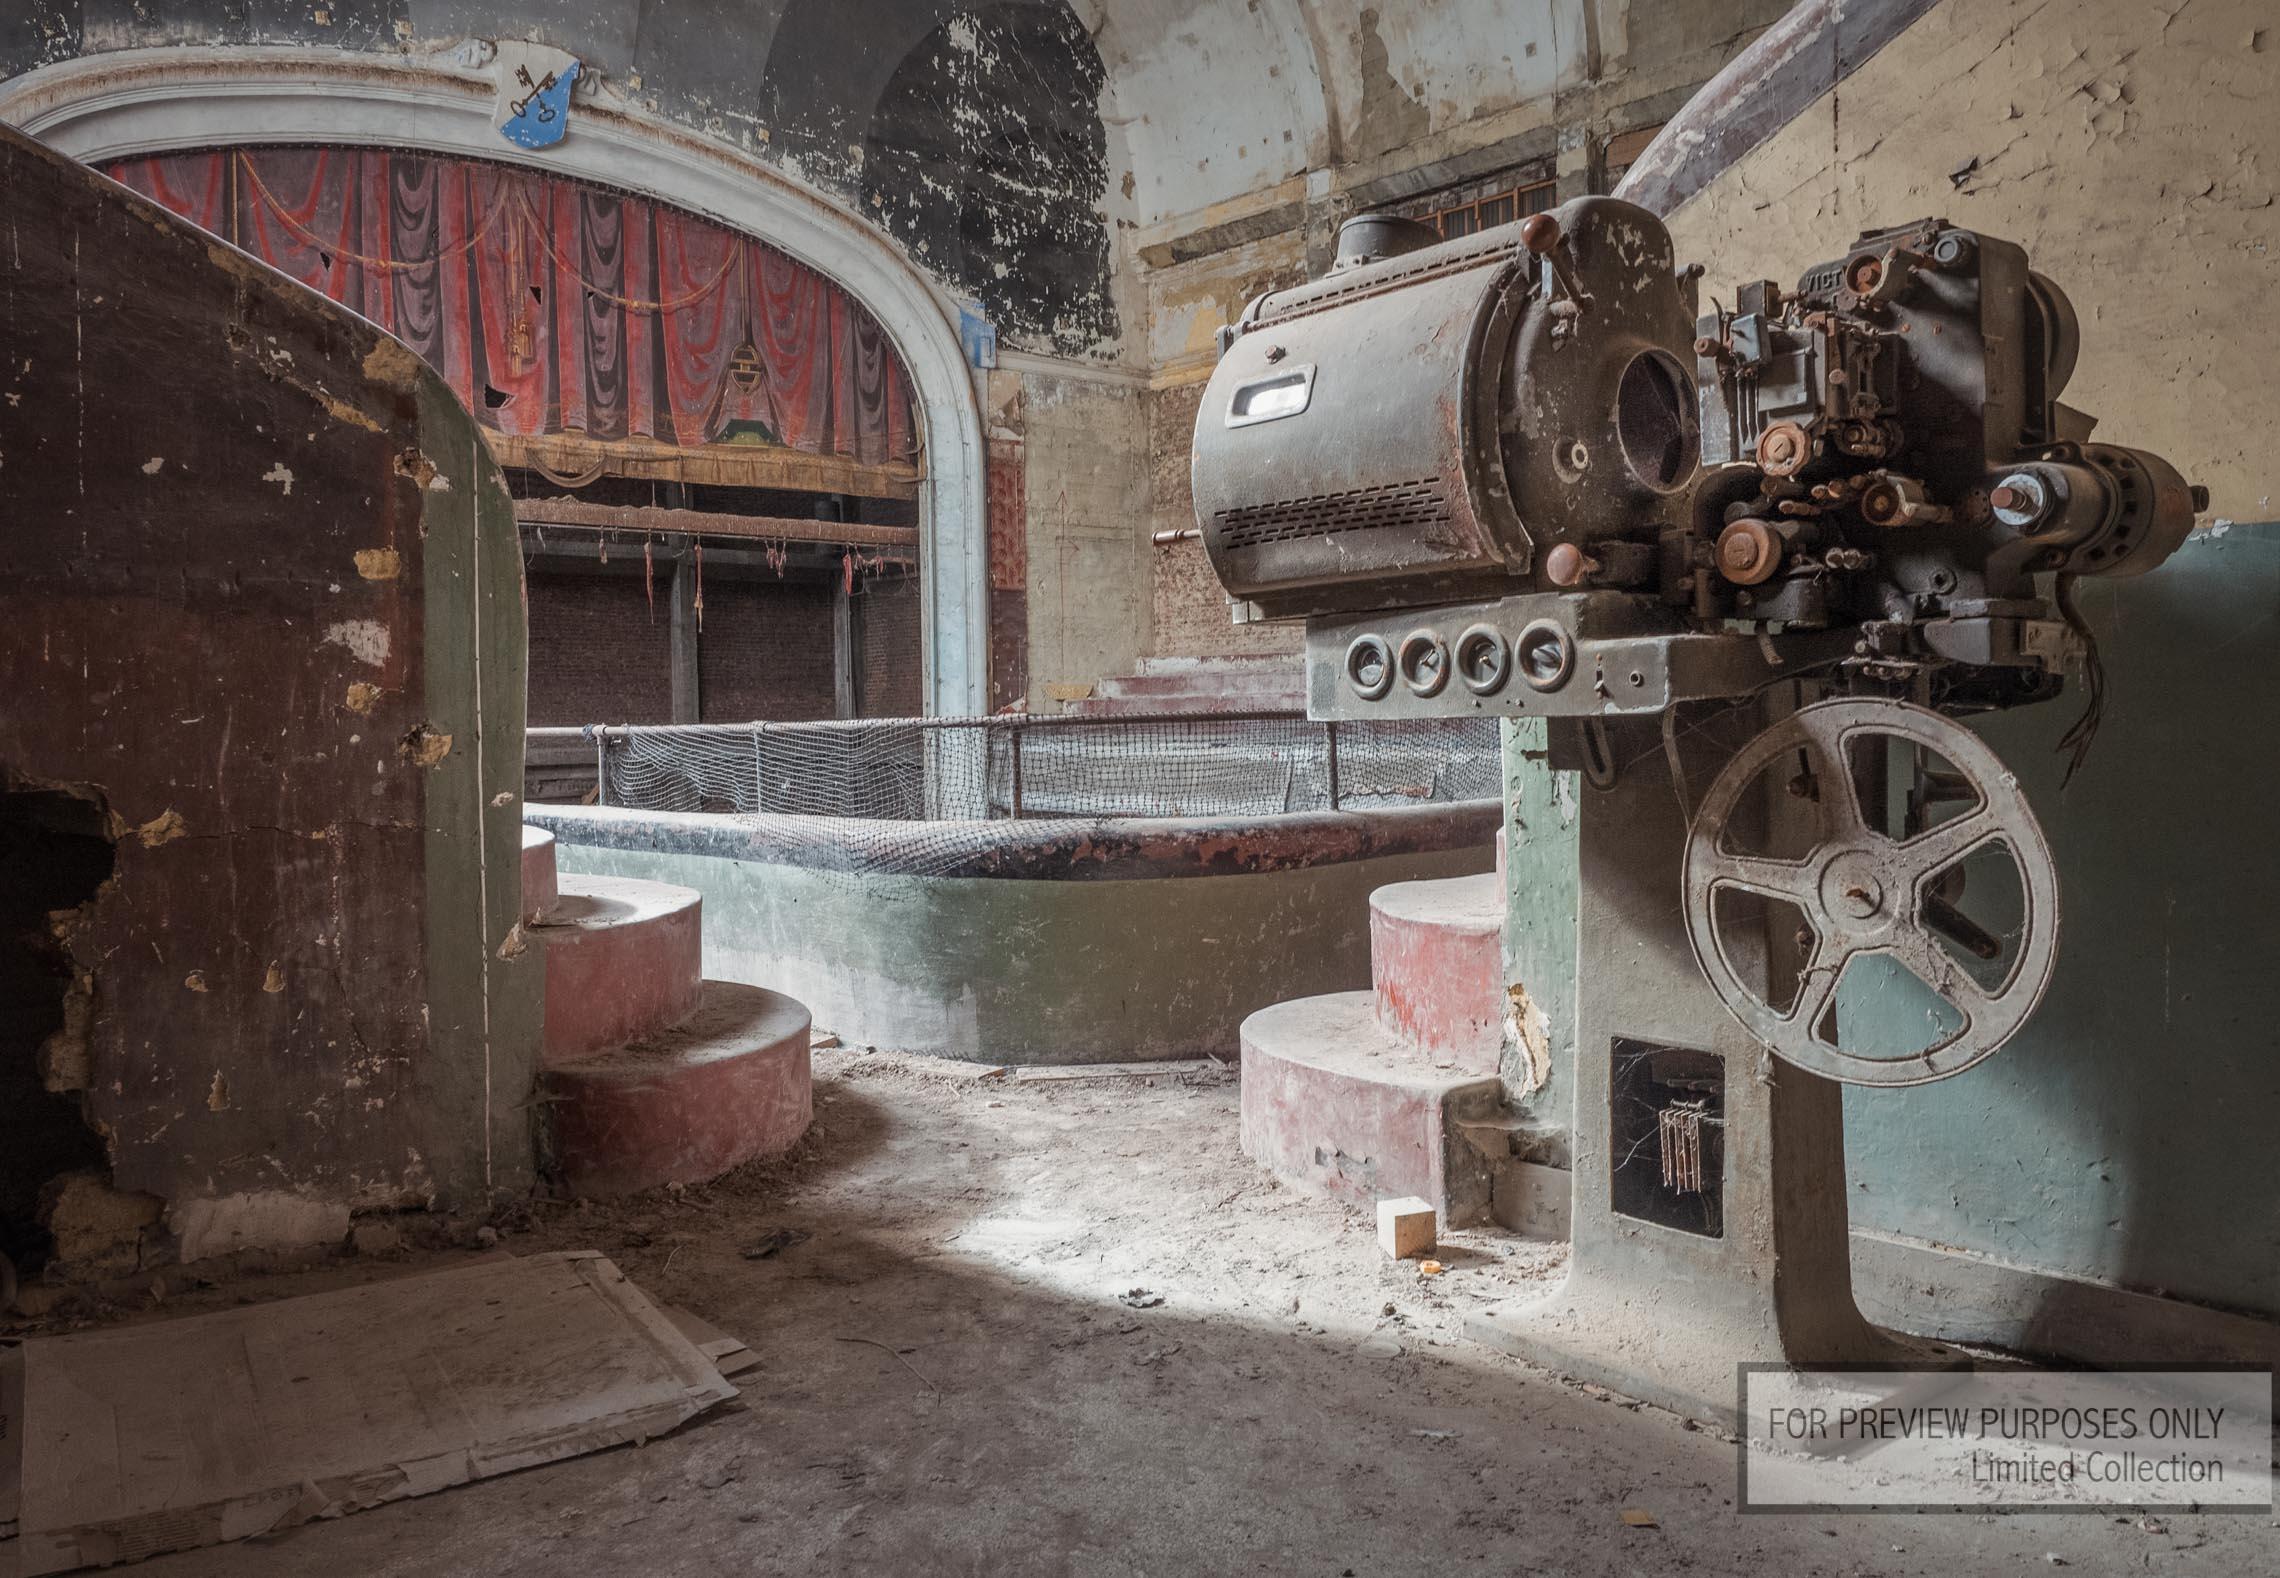 Fine art, wall decorations , muurdecoratie, schilderij, urban art, abandoned theater